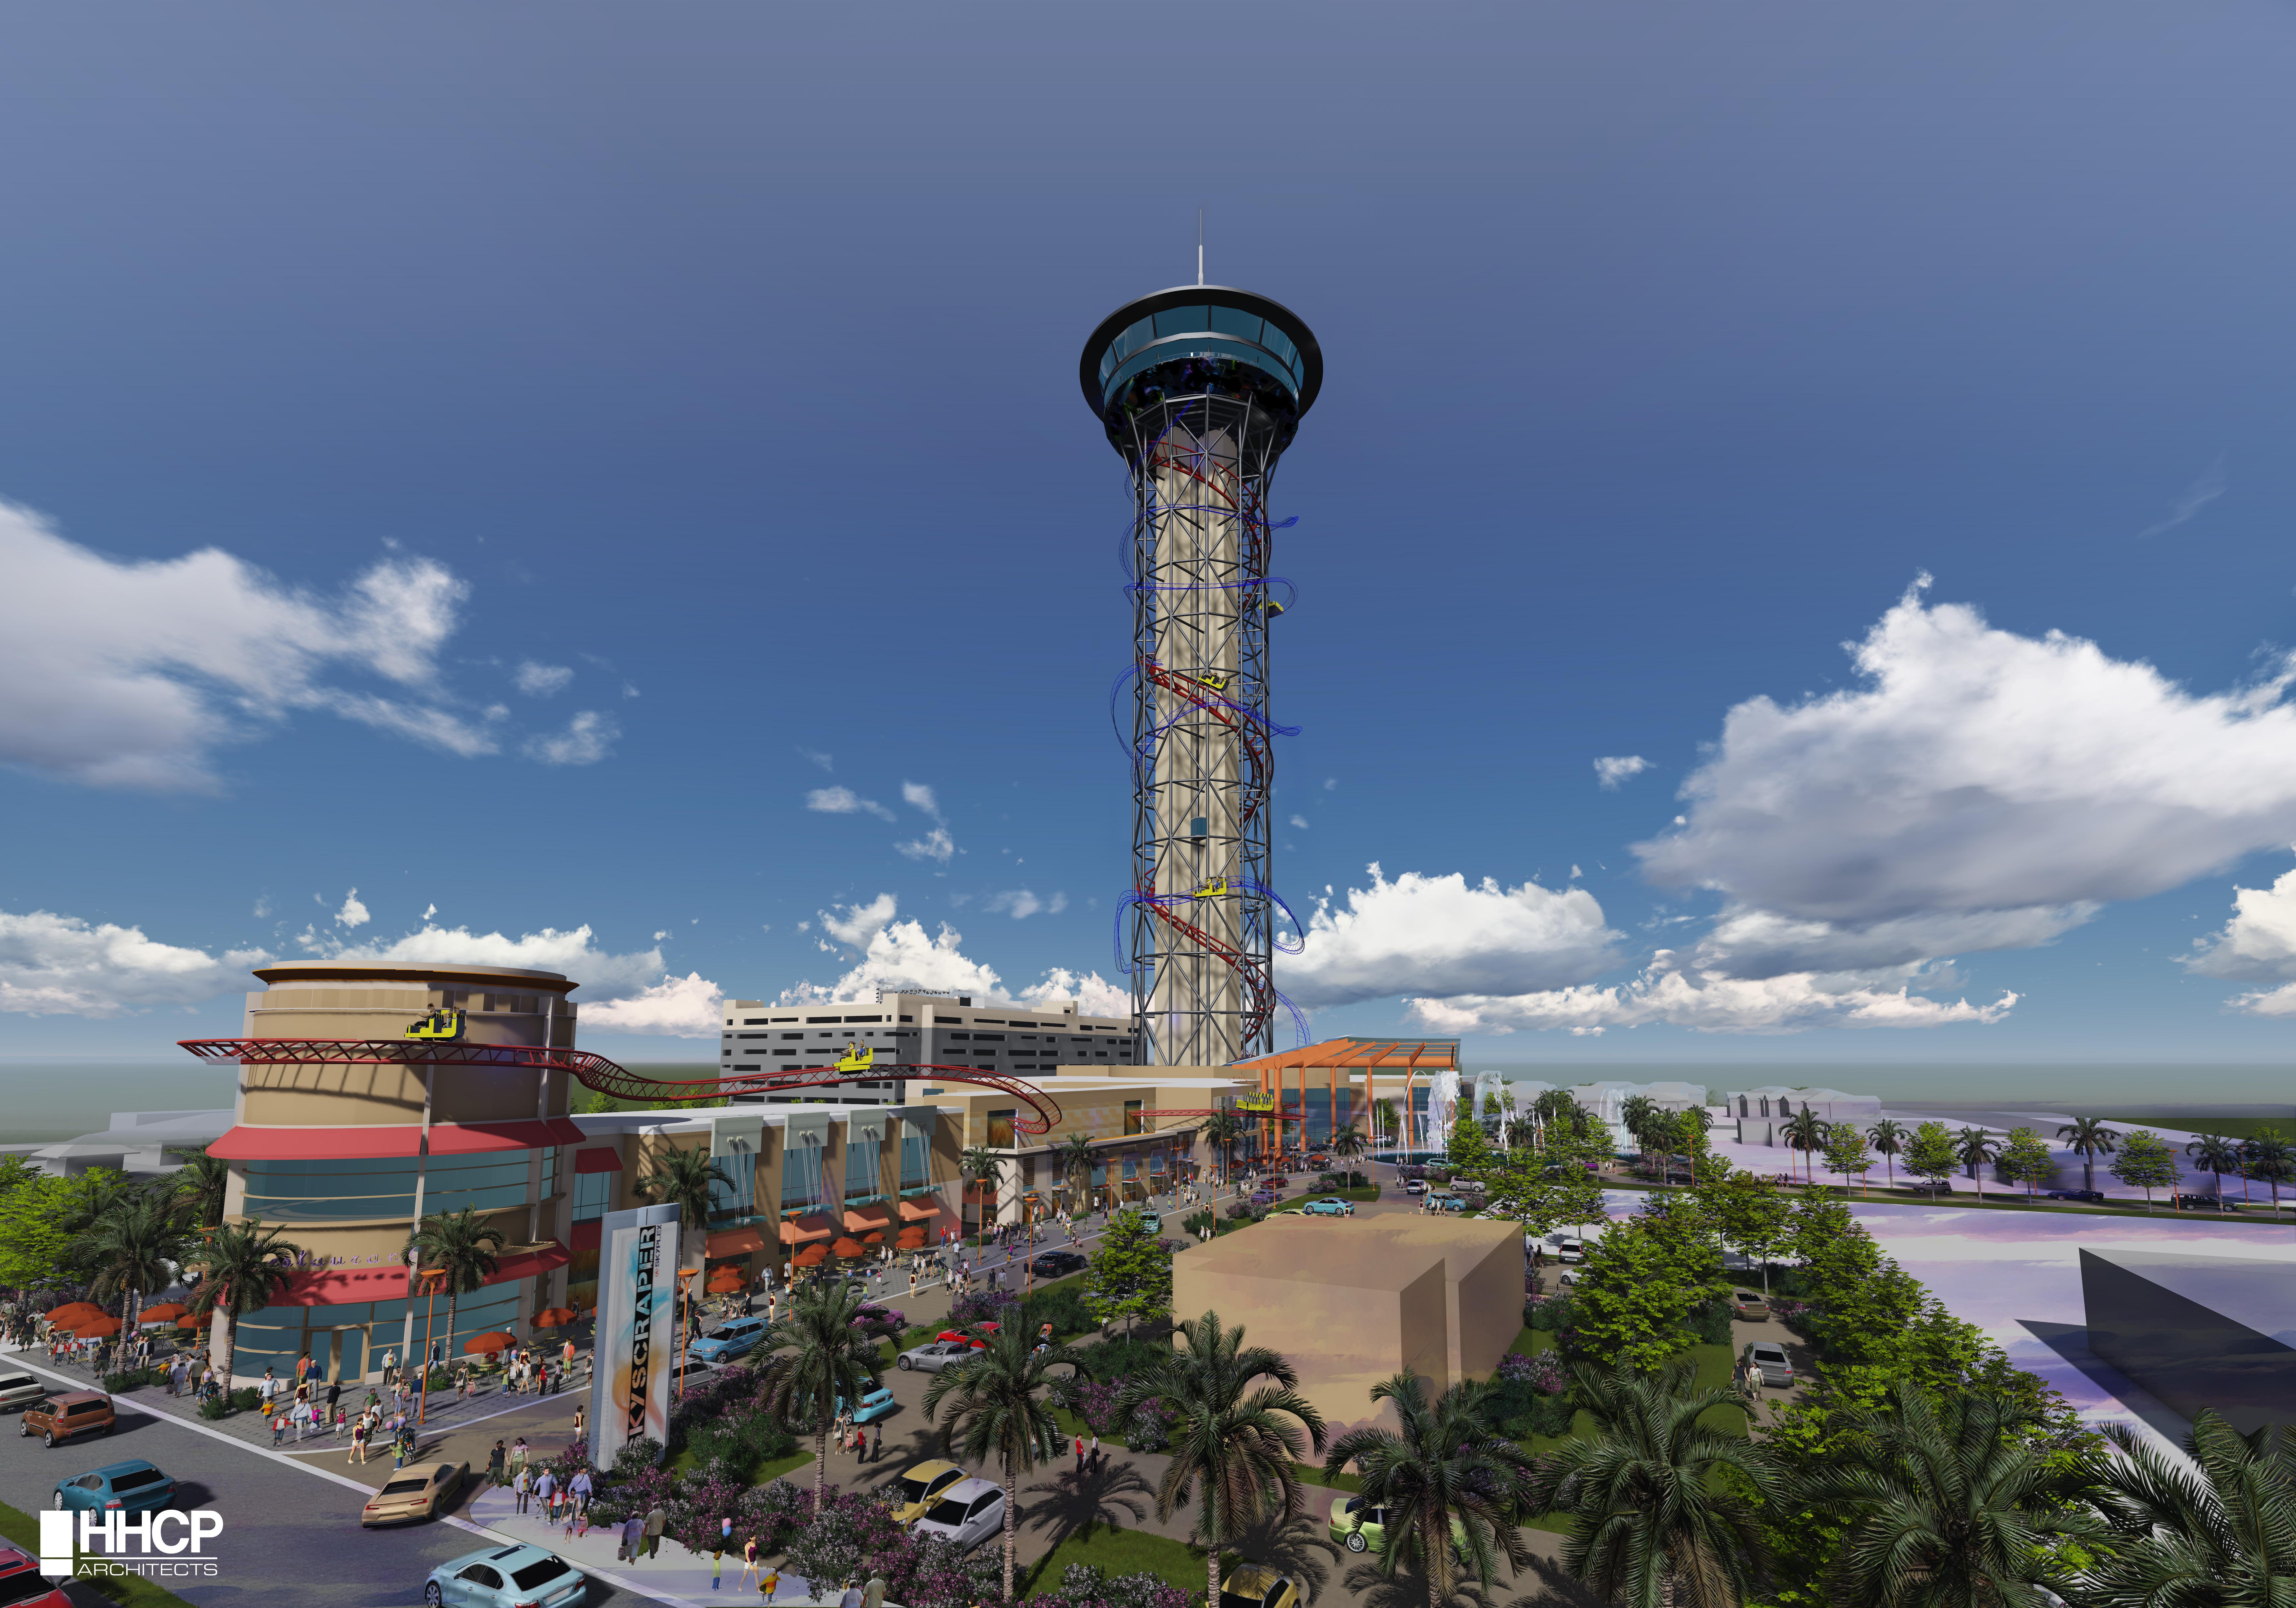 The Skyscraper Orlando